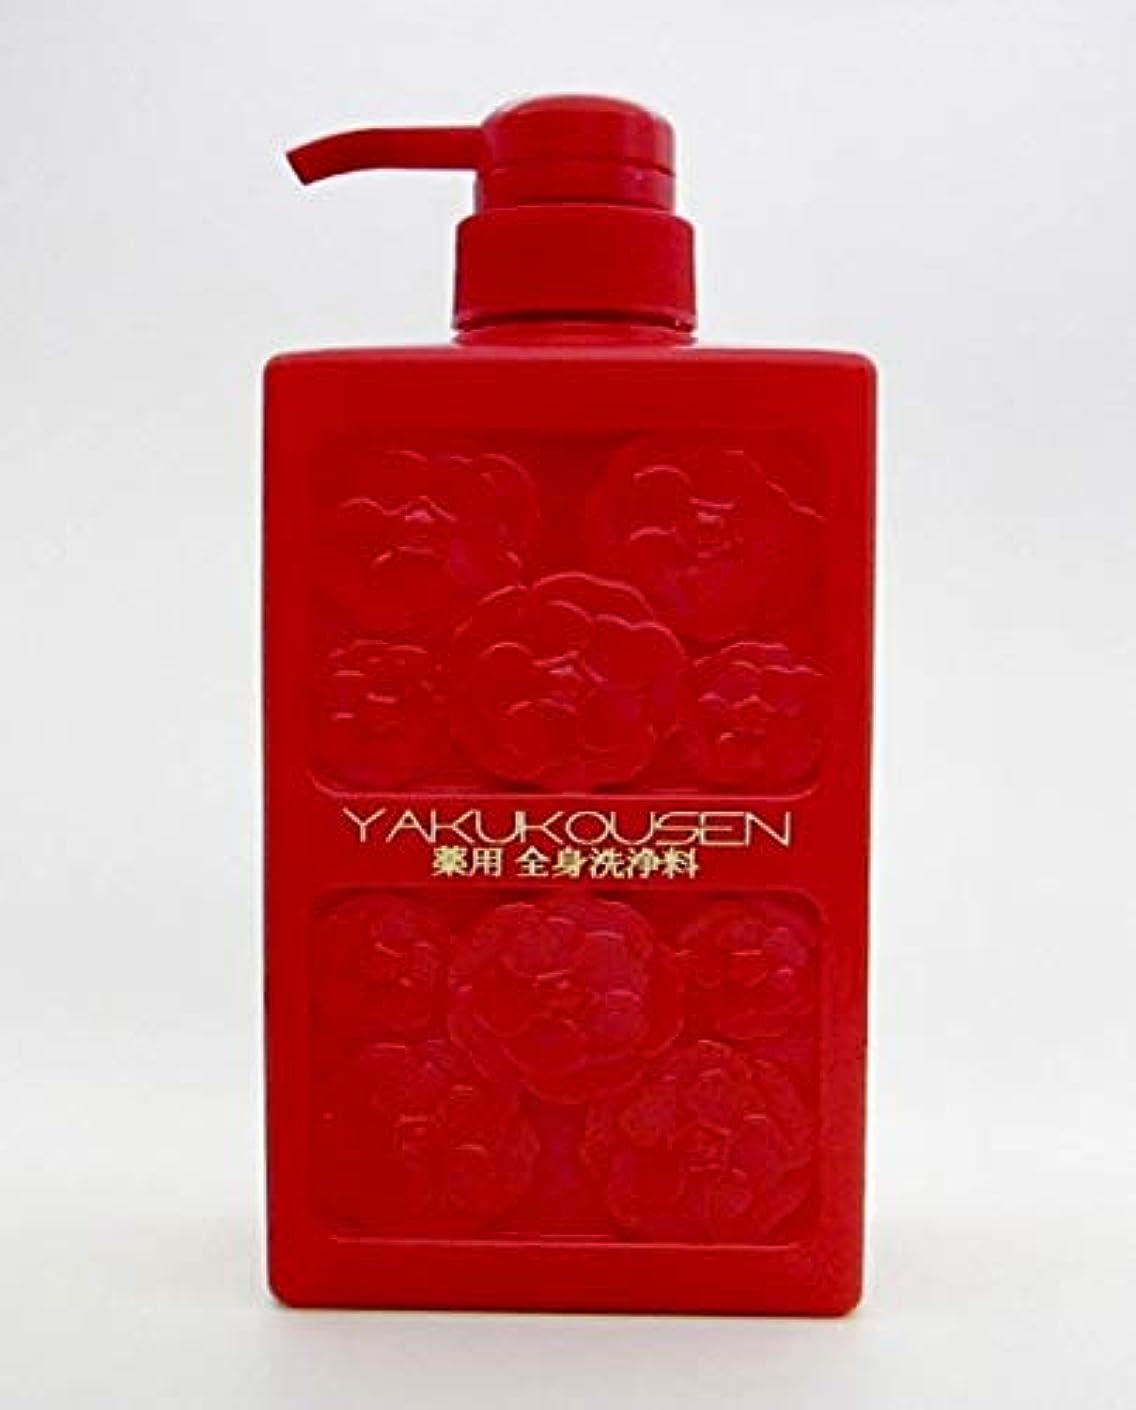 緩やかな召喚するカレンダー薬酵泉 薬用全身洗浄料 生ローヤルゼリー配合 500ml 記念 赤ボトル 限定品